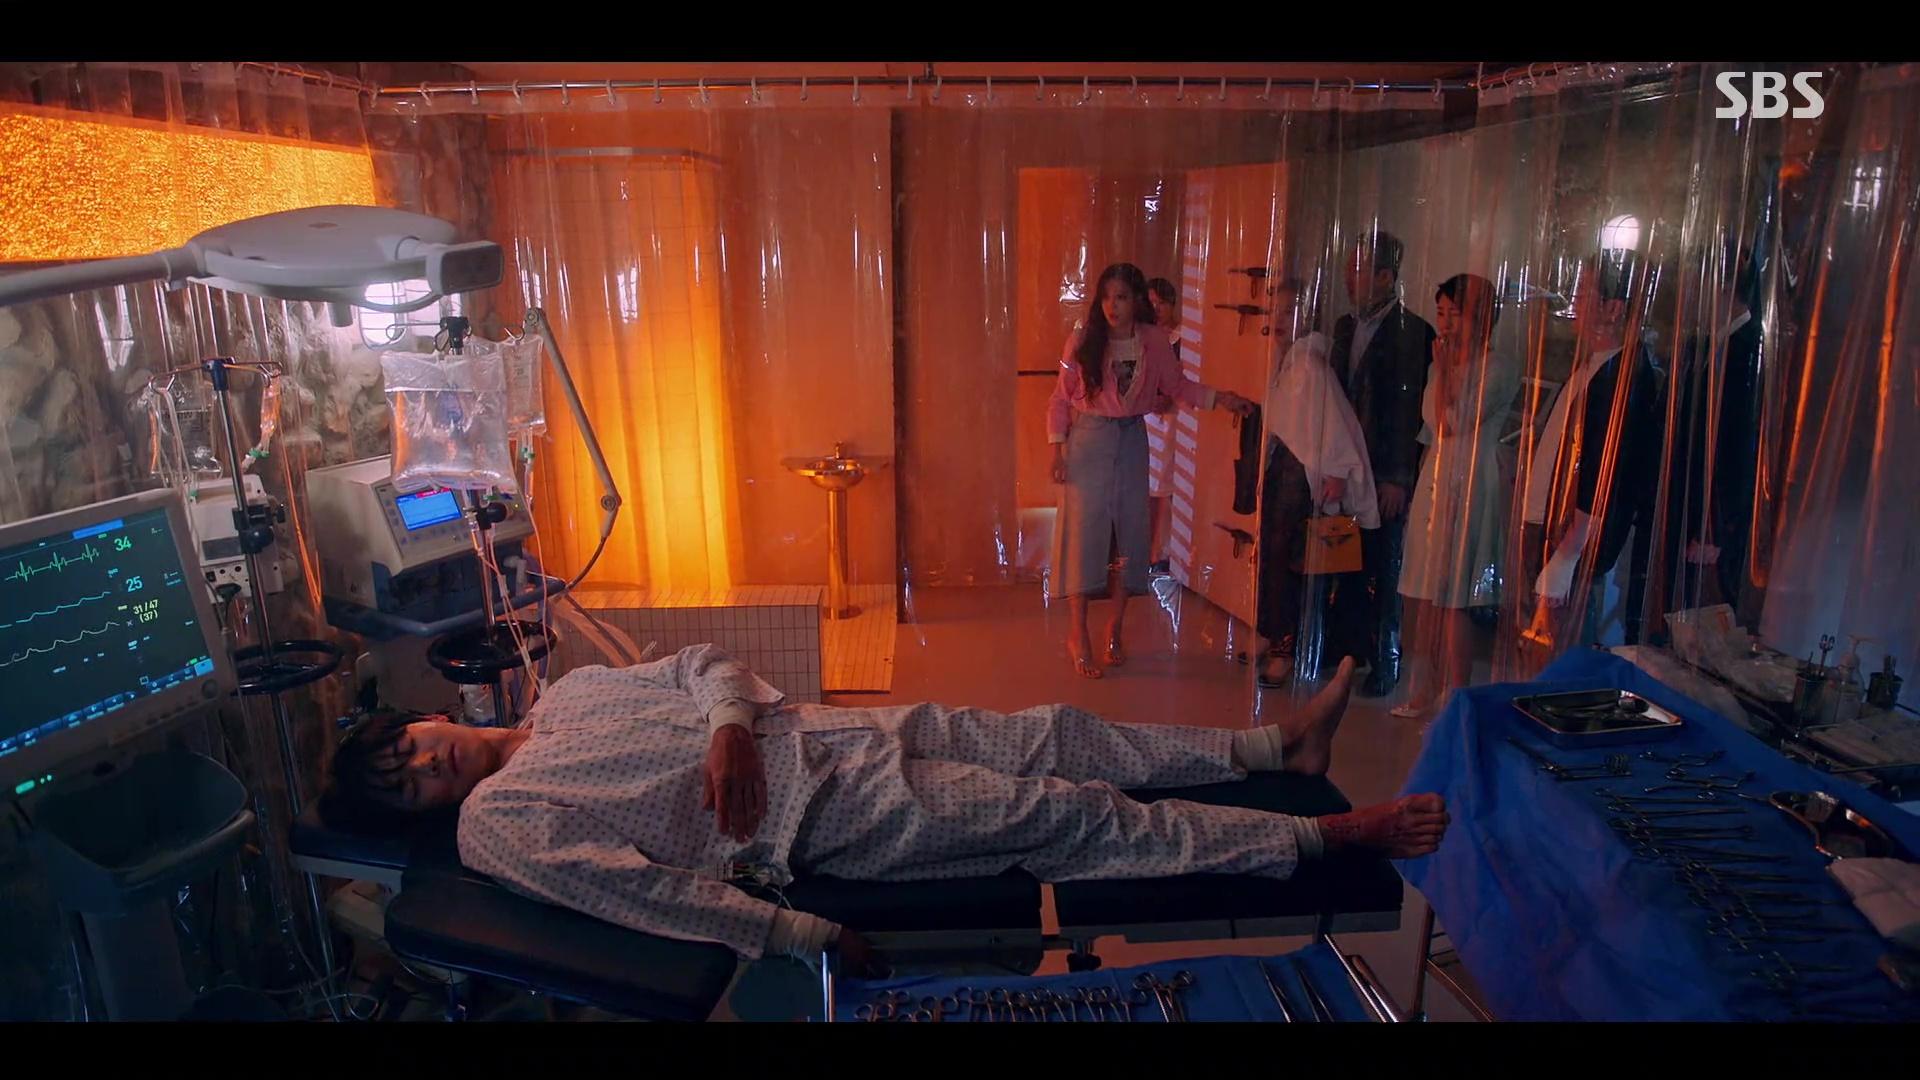 Penthouse Season 3 Episode 8 Recap and Review